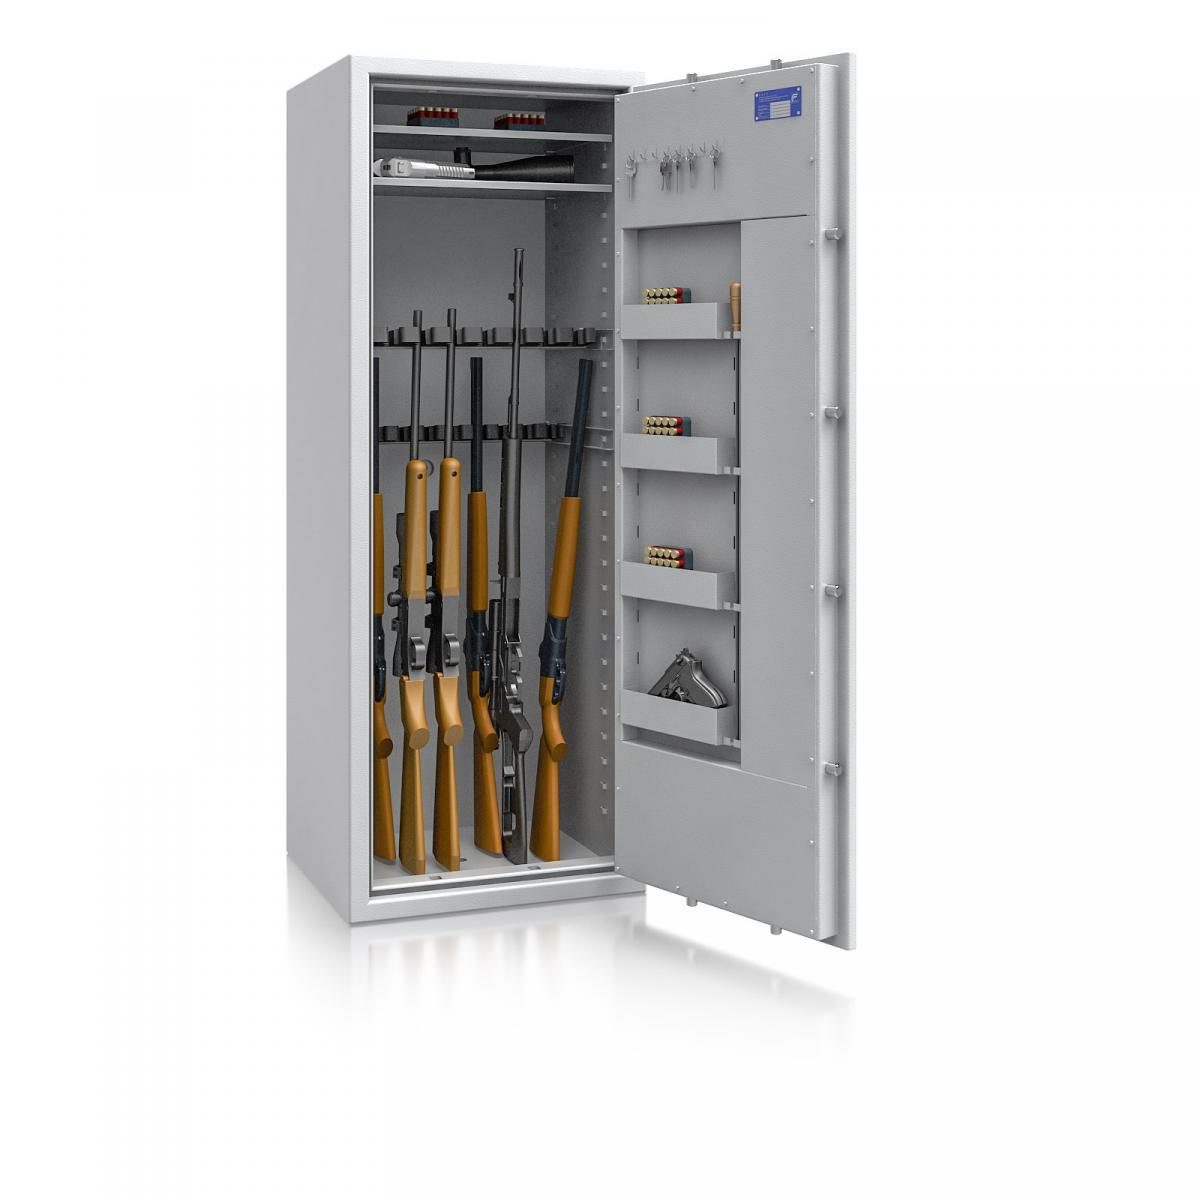 Waffenschrank St. Gallen WF MAX 3 - 1600x600x500 / 225kg 56468 / Klasse I / RAL7035 / Schlüssel / DIN R